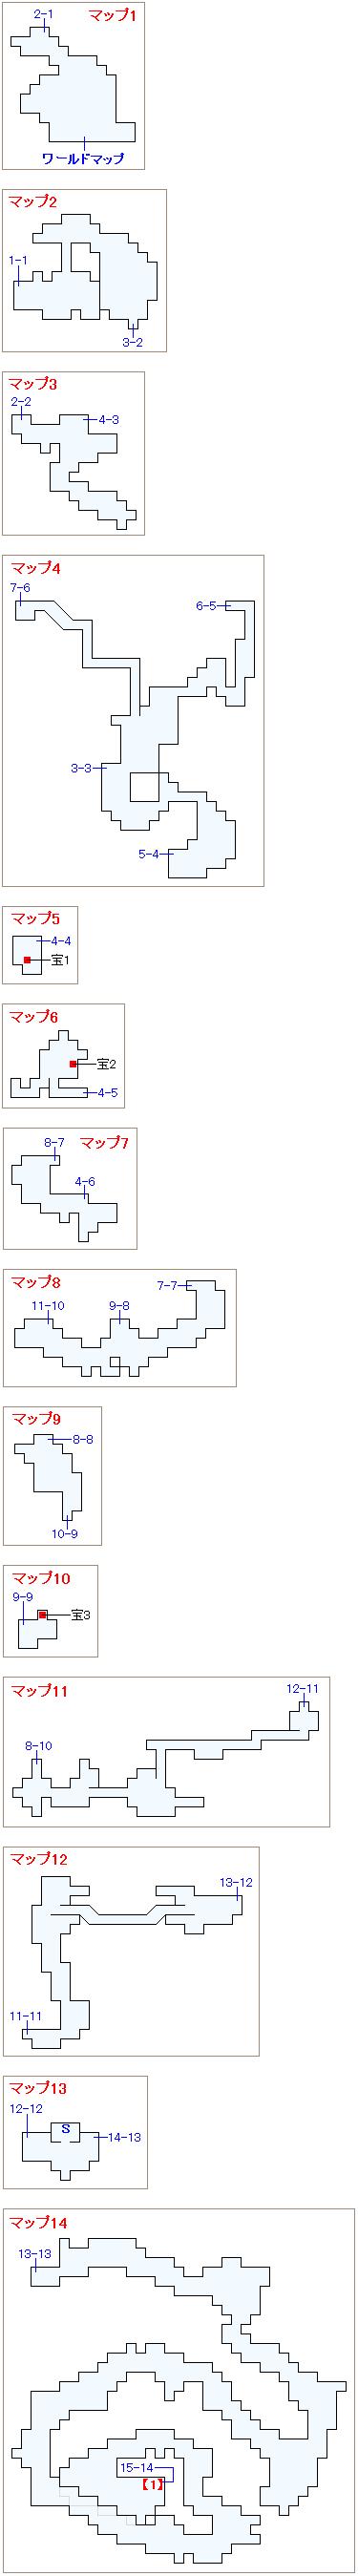 崩壊前チャート1・コルツ山マップ画像(1)